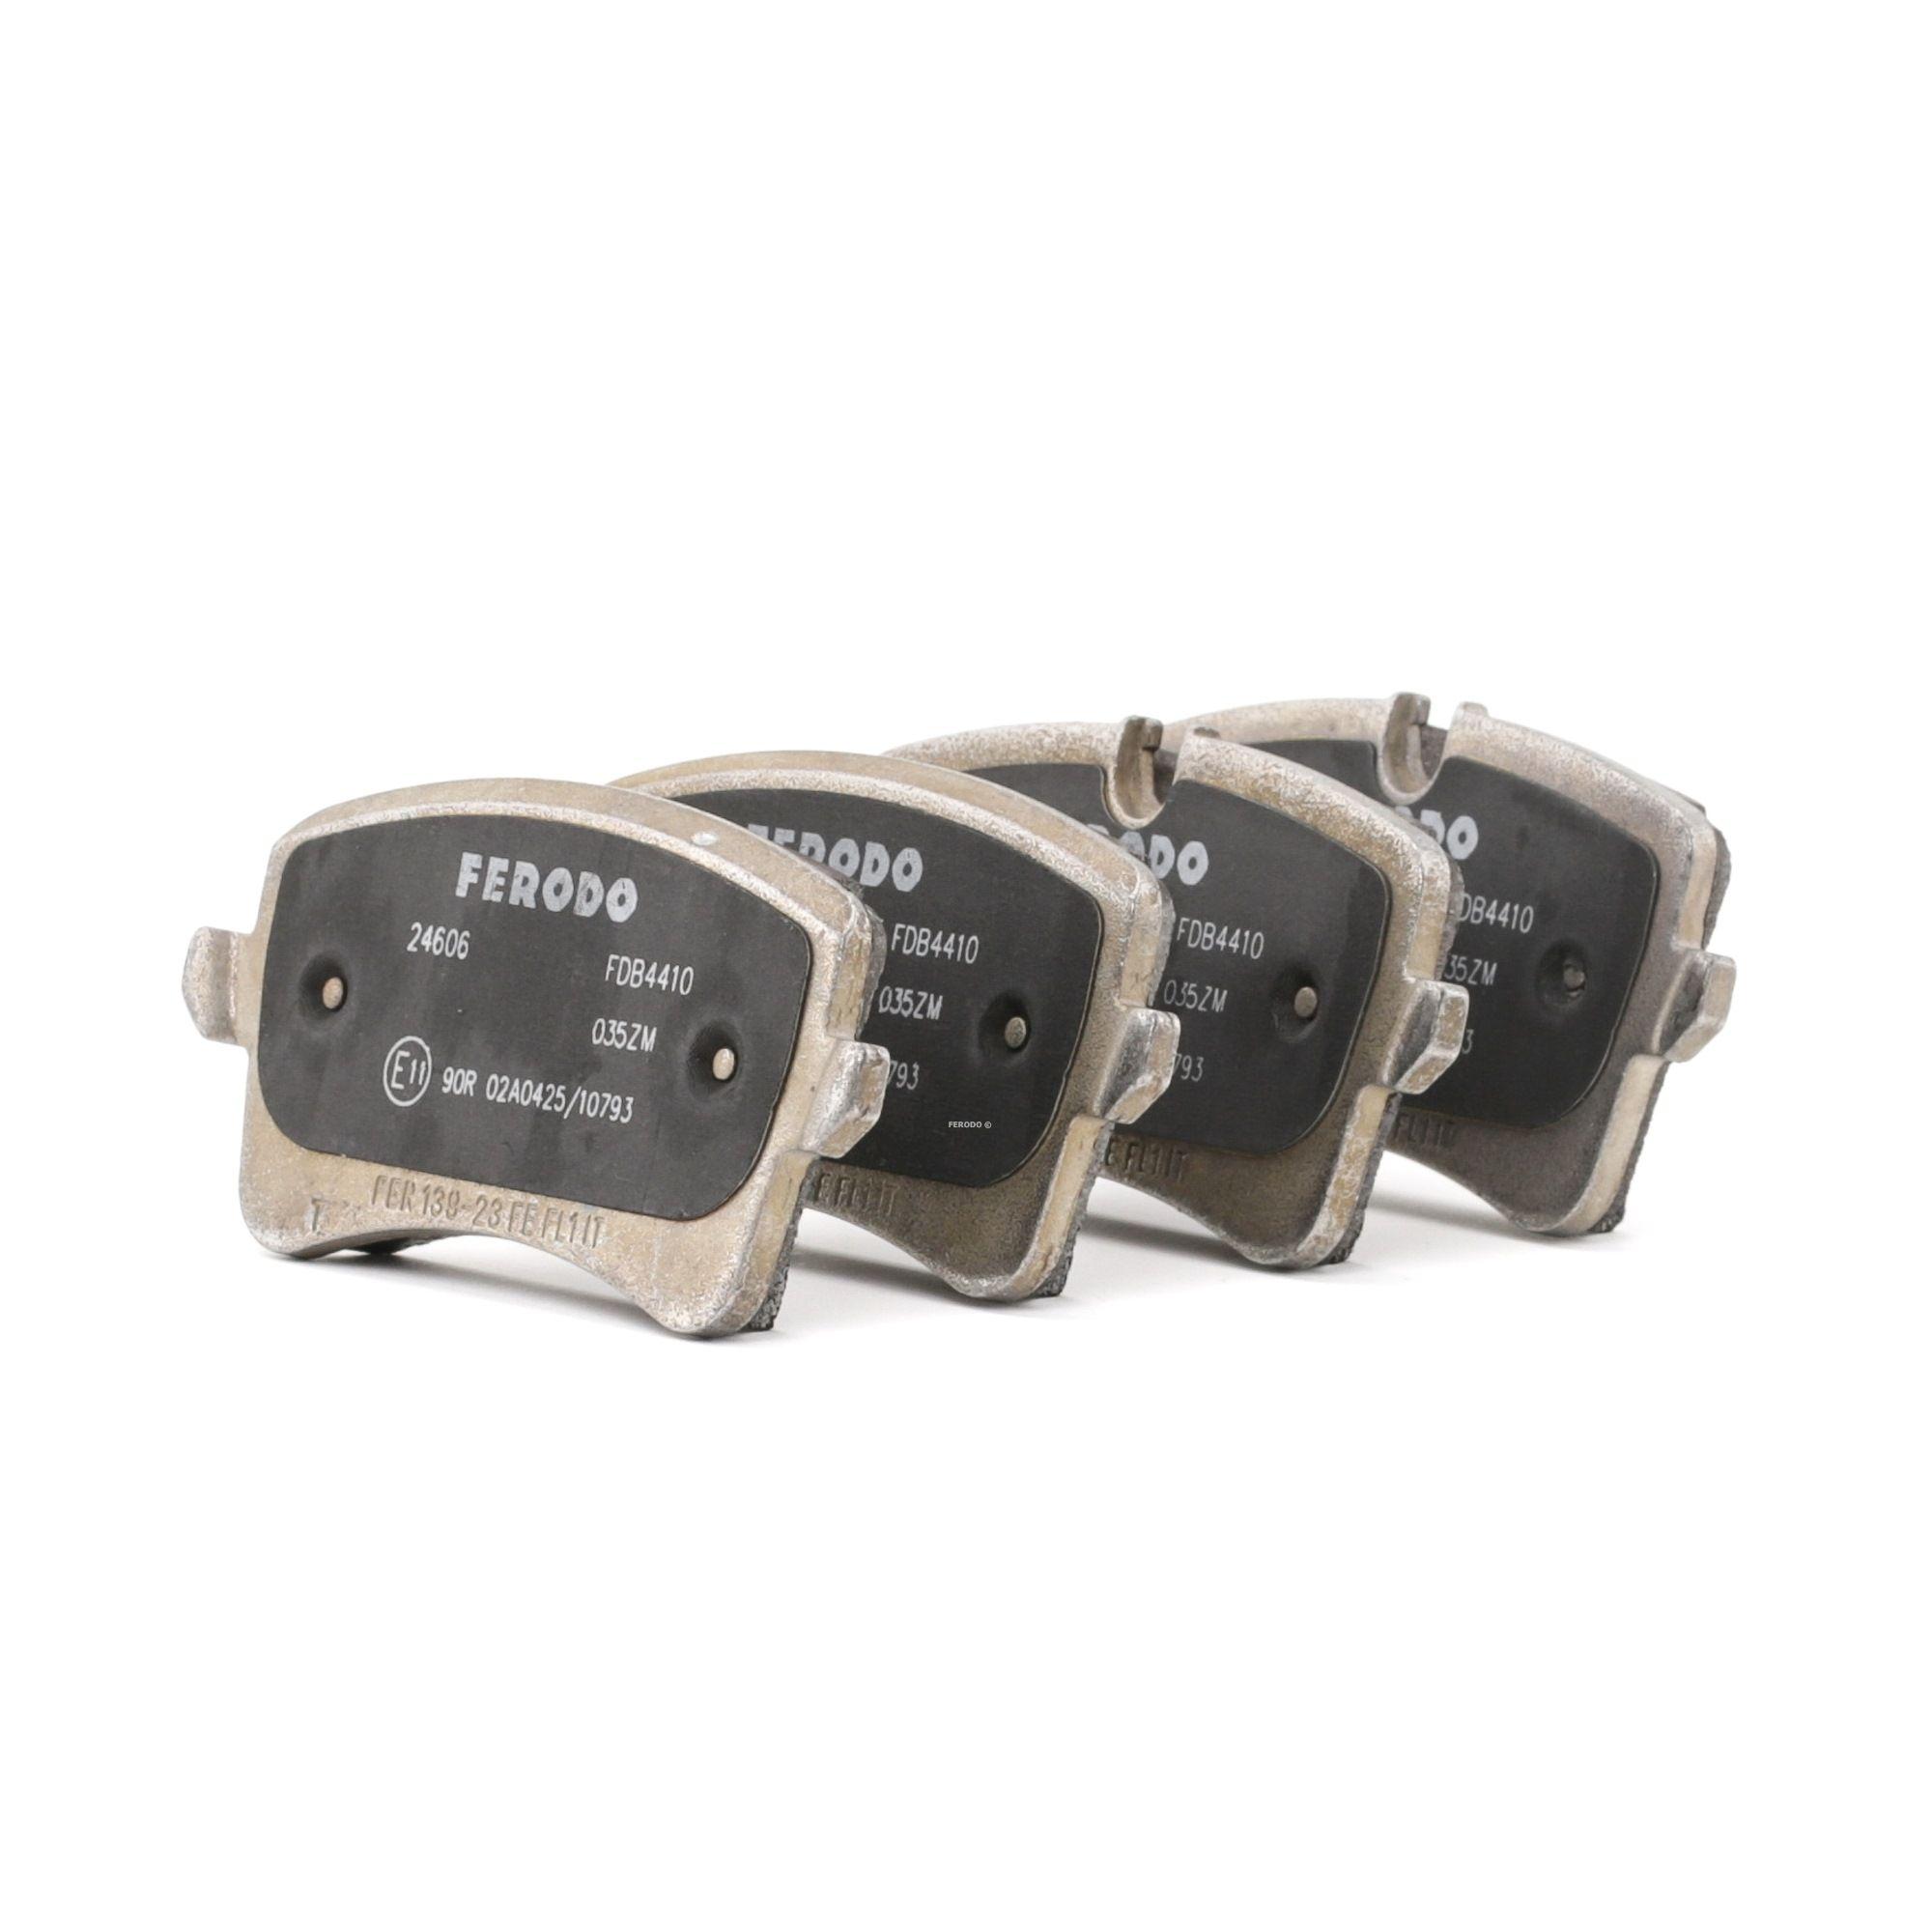 FERODO Brake Pads AUDI,PORSCHE FDB4410 4G0698451,4G0698451A,4G0698451B Disk Pads,Brake Pad Set, disc brake 4G0698451C,4G0698451H,4G0698451J,4G0698451K